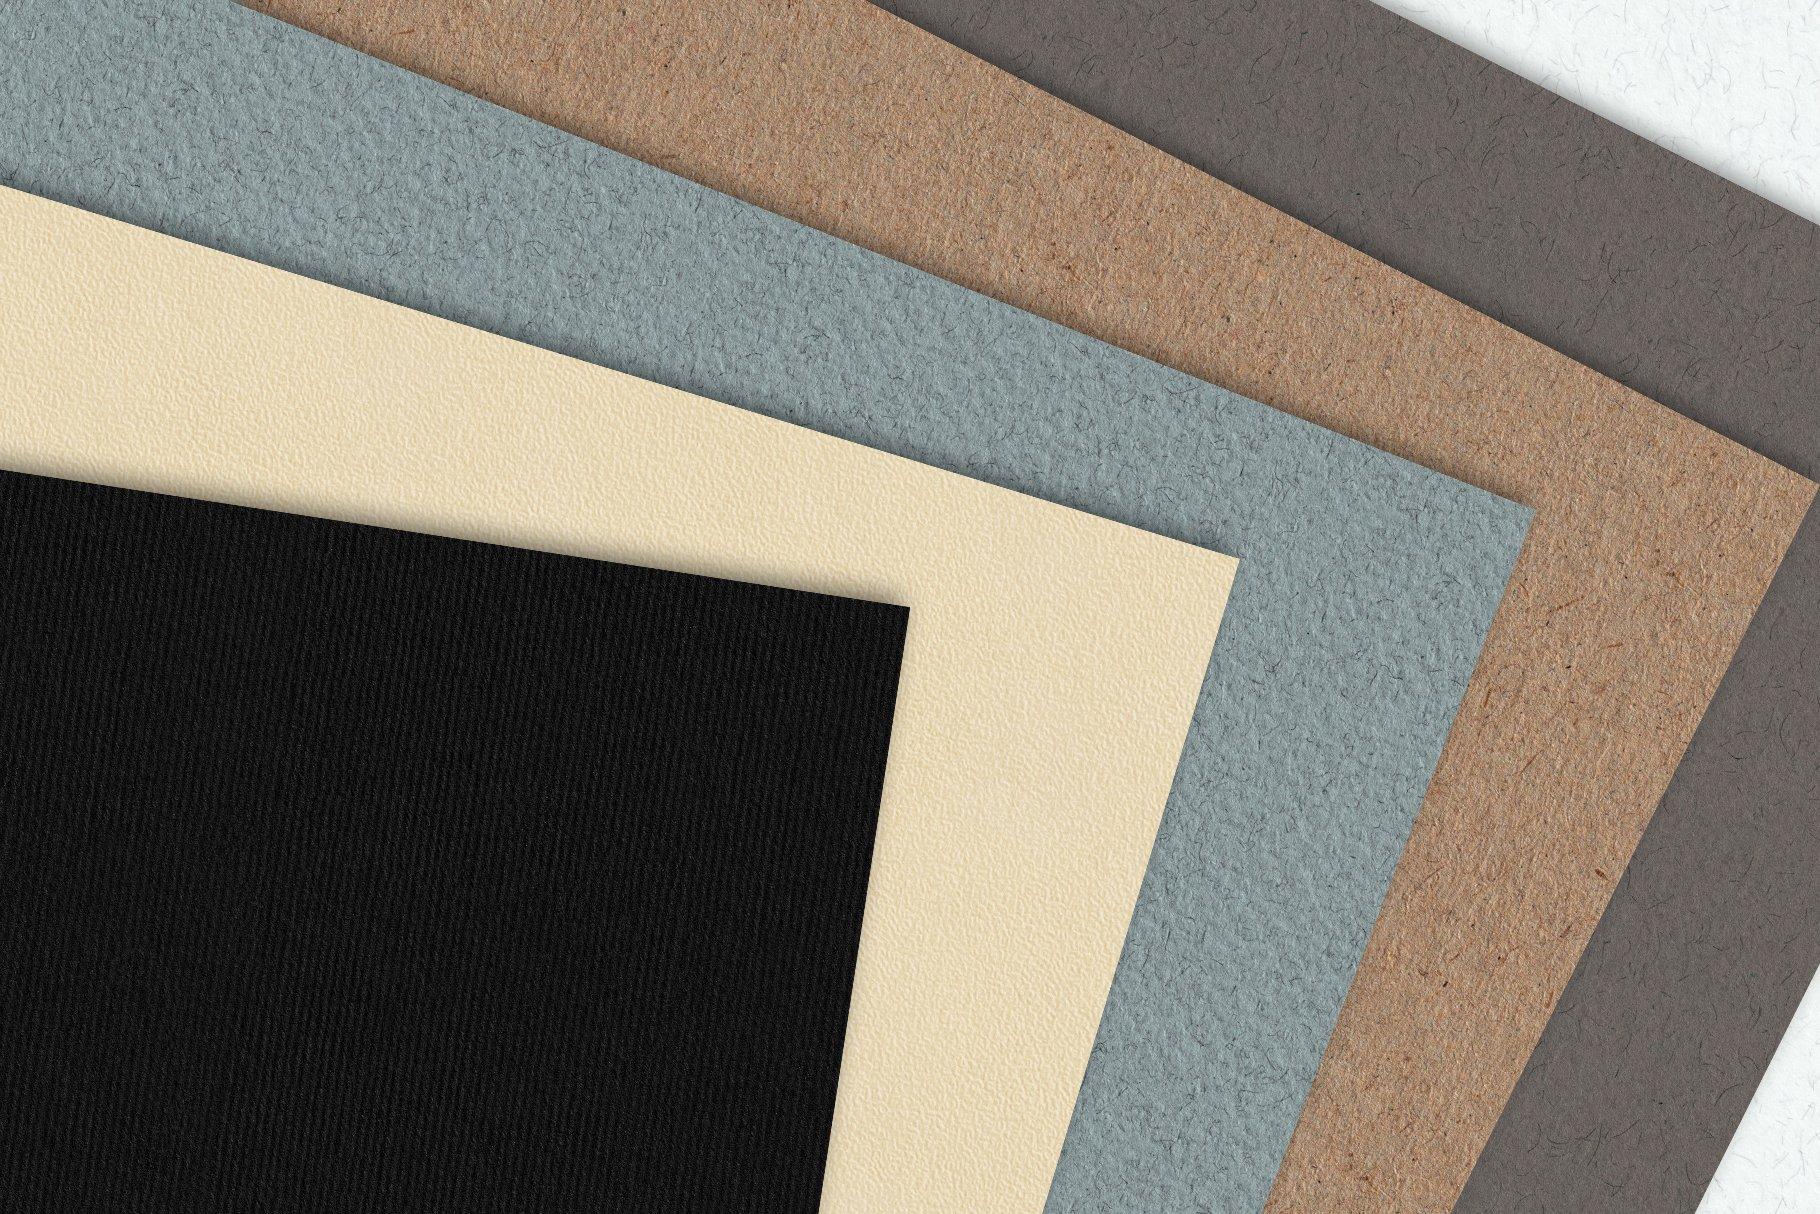 30款复古牛皮纸纸质纹理印刷品设计背景图片素材 Watercolor Paper Texture Collection插图2